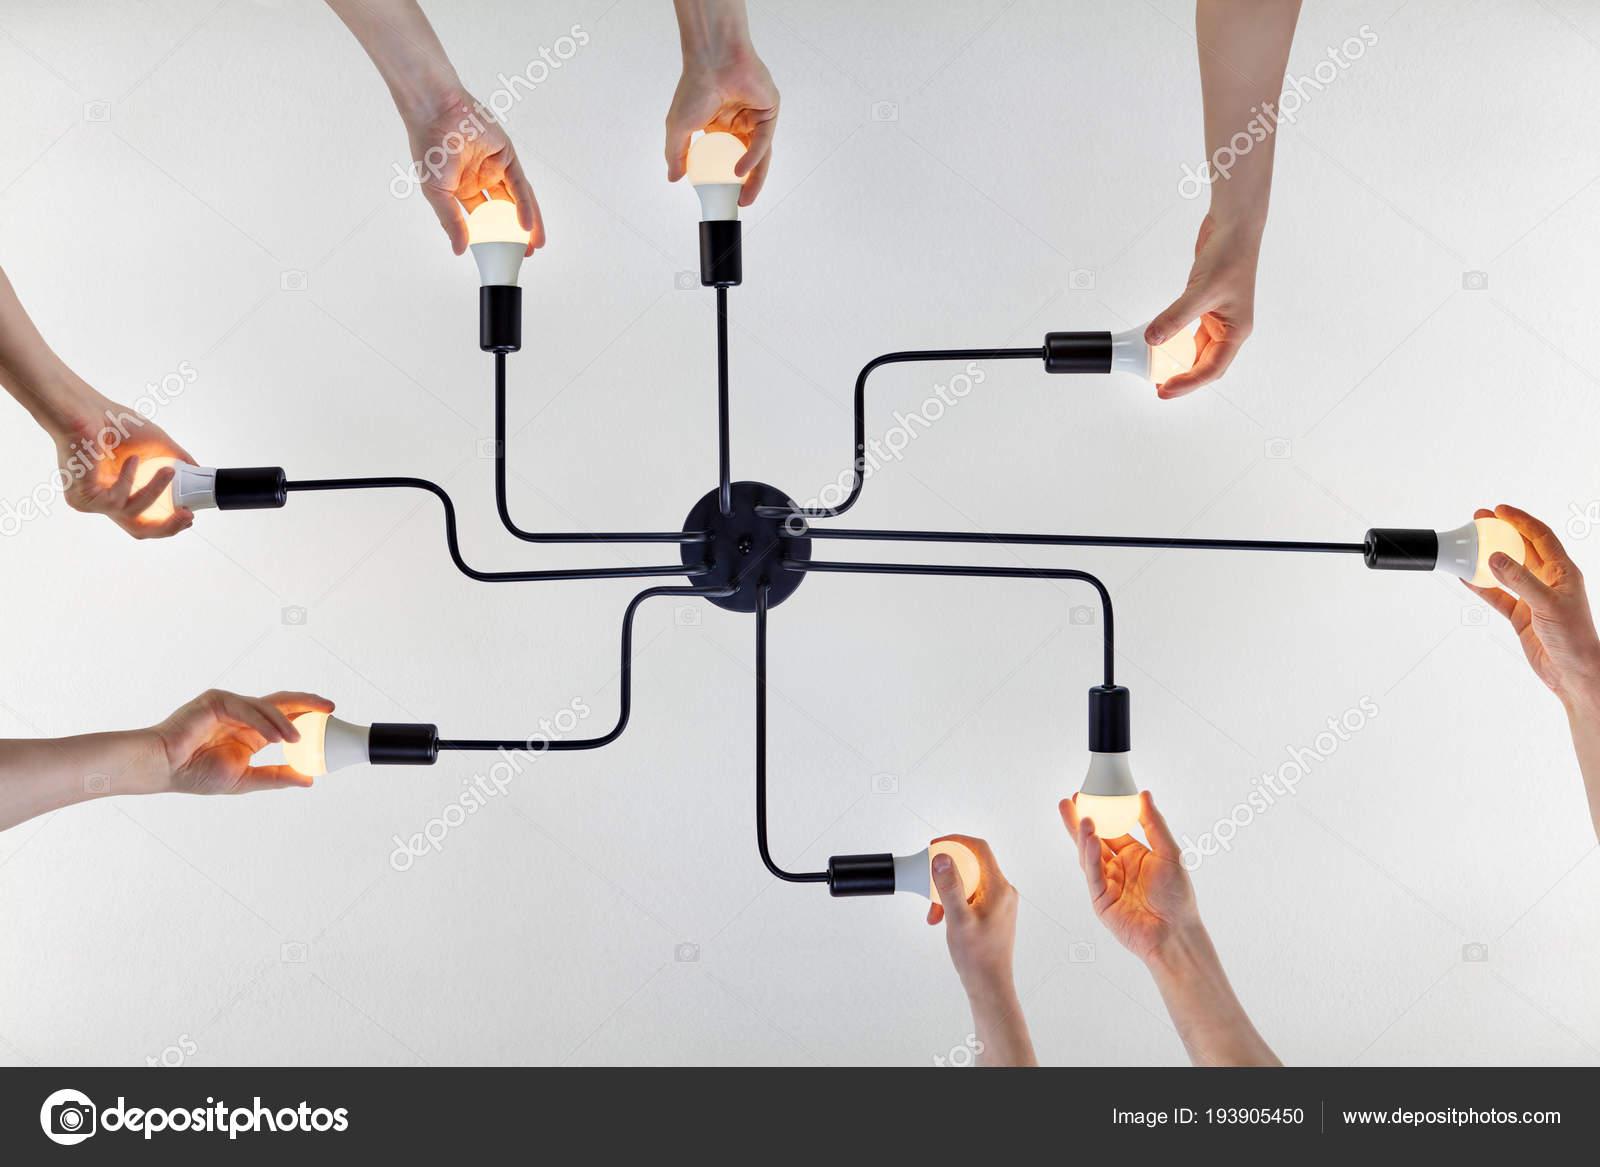 Kronleuchter Led Lampen ~ Möbel bernskötter mülheim lampen pendelleuchte kronleuchter